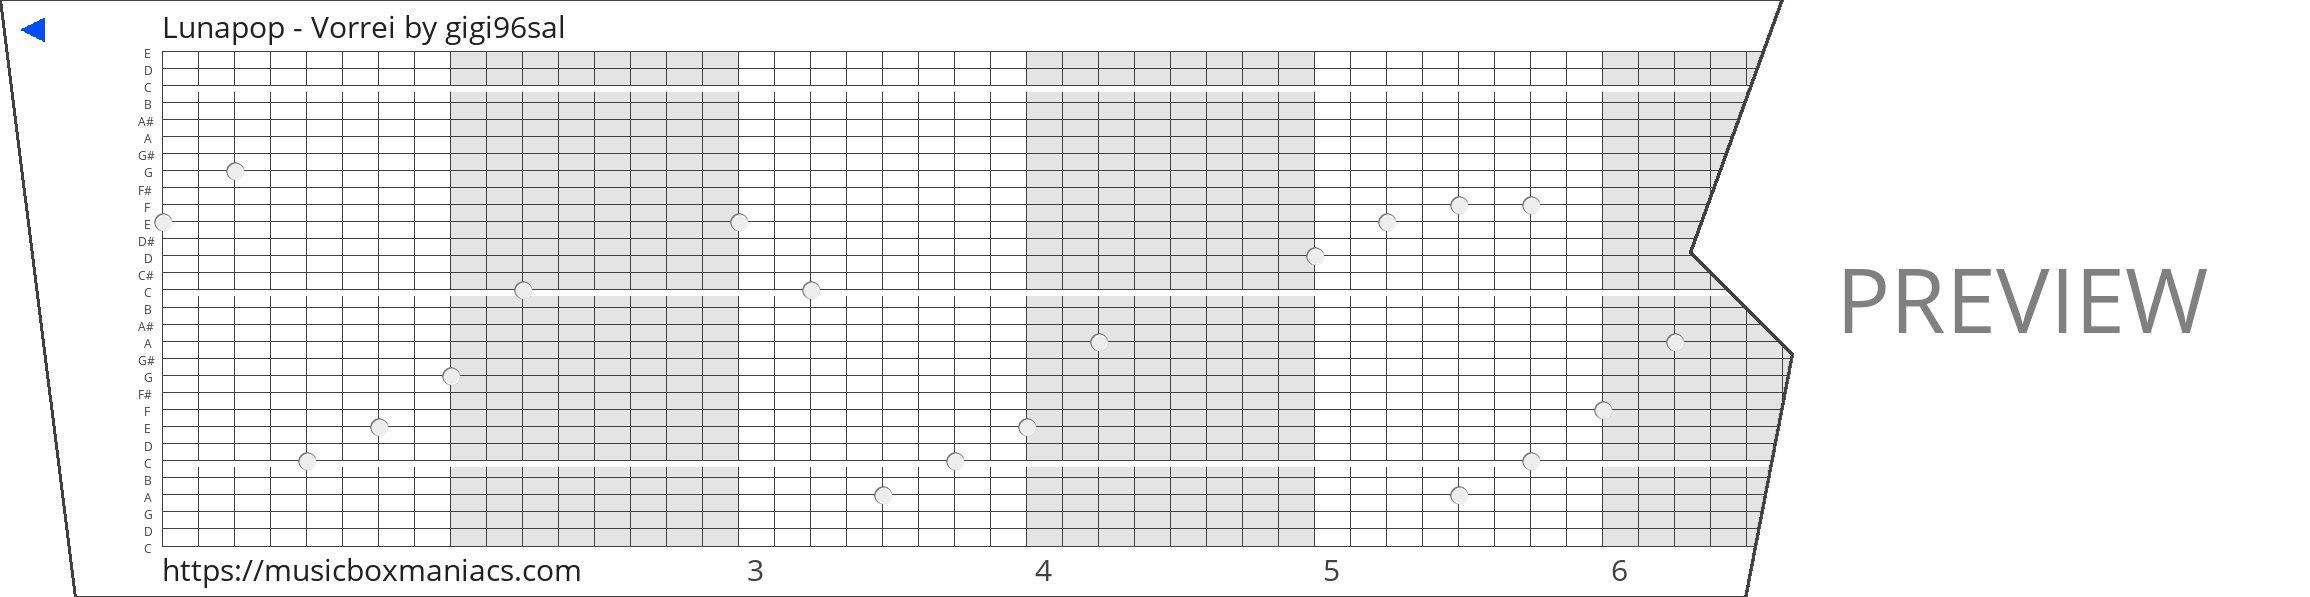 Lunapop - Vorrei 30 note music box paper strip